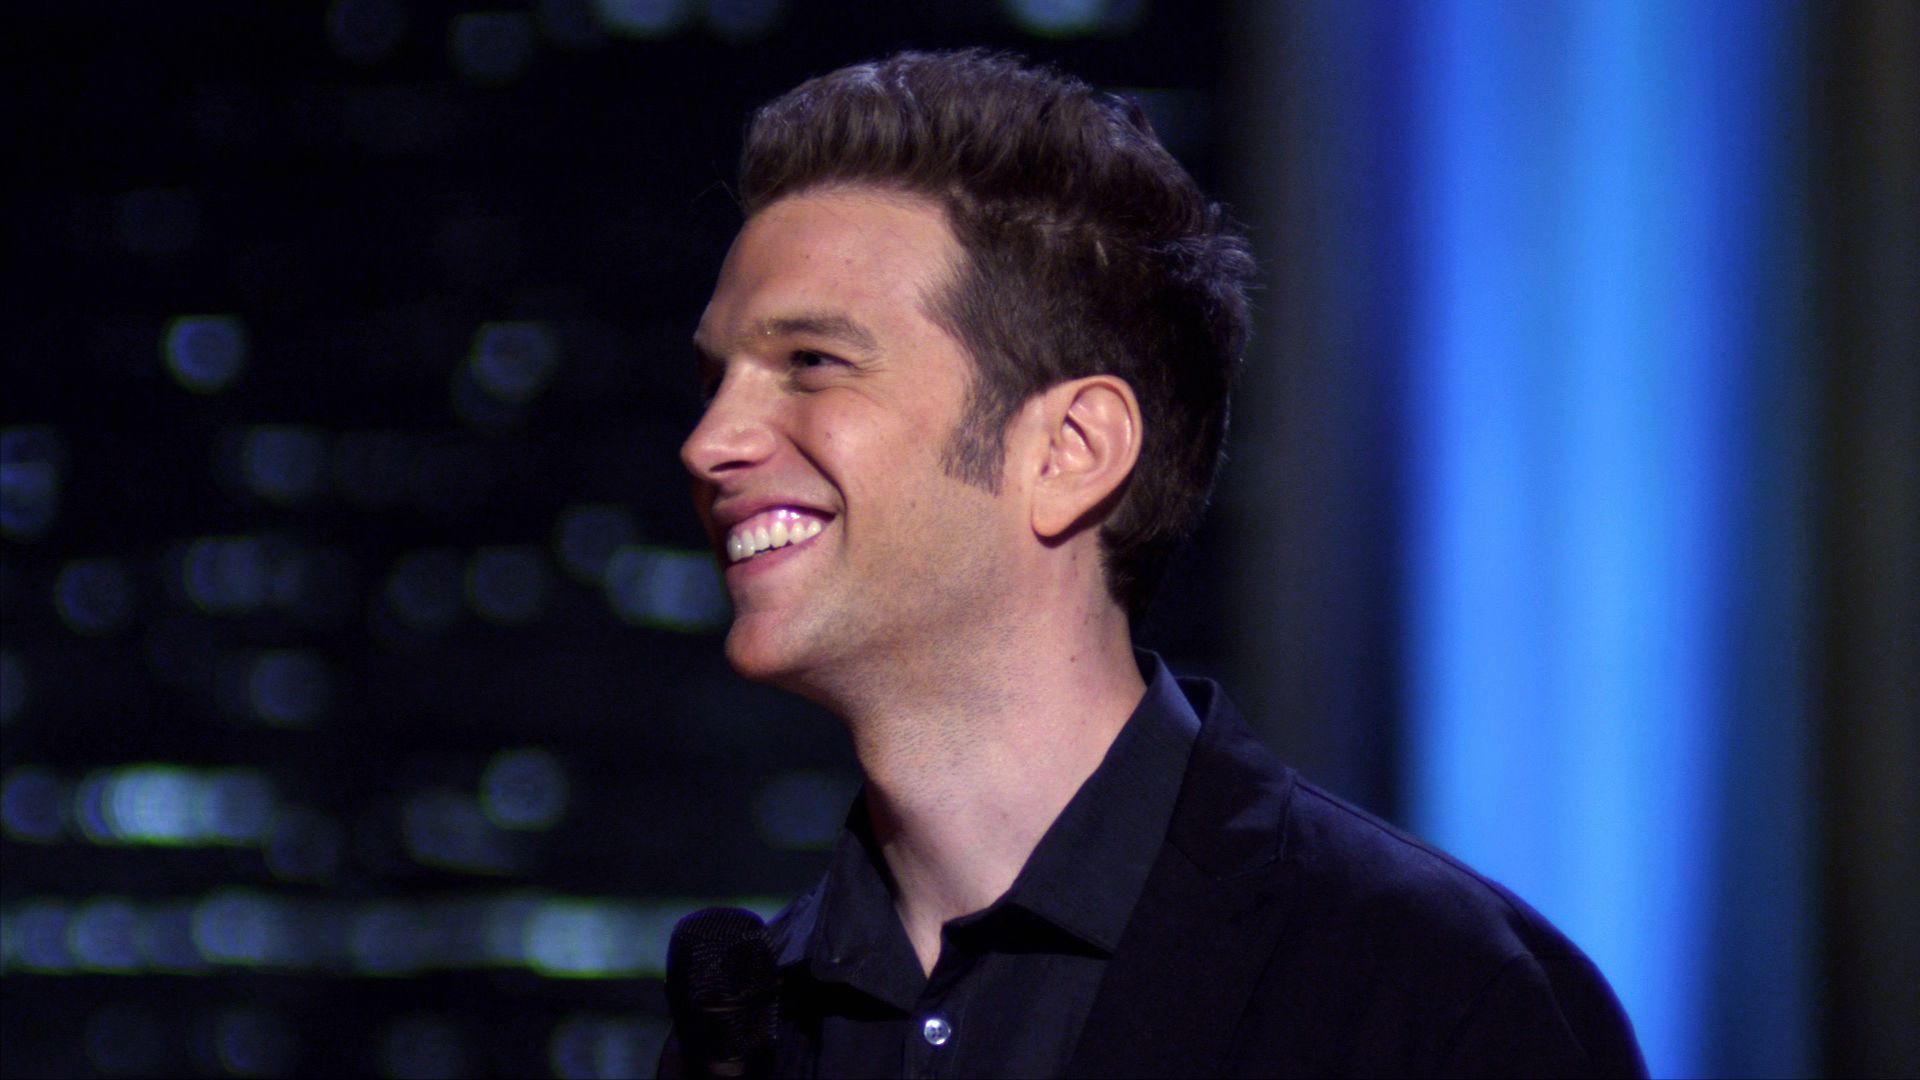 Anthony jeselnik comedy central special celebrity